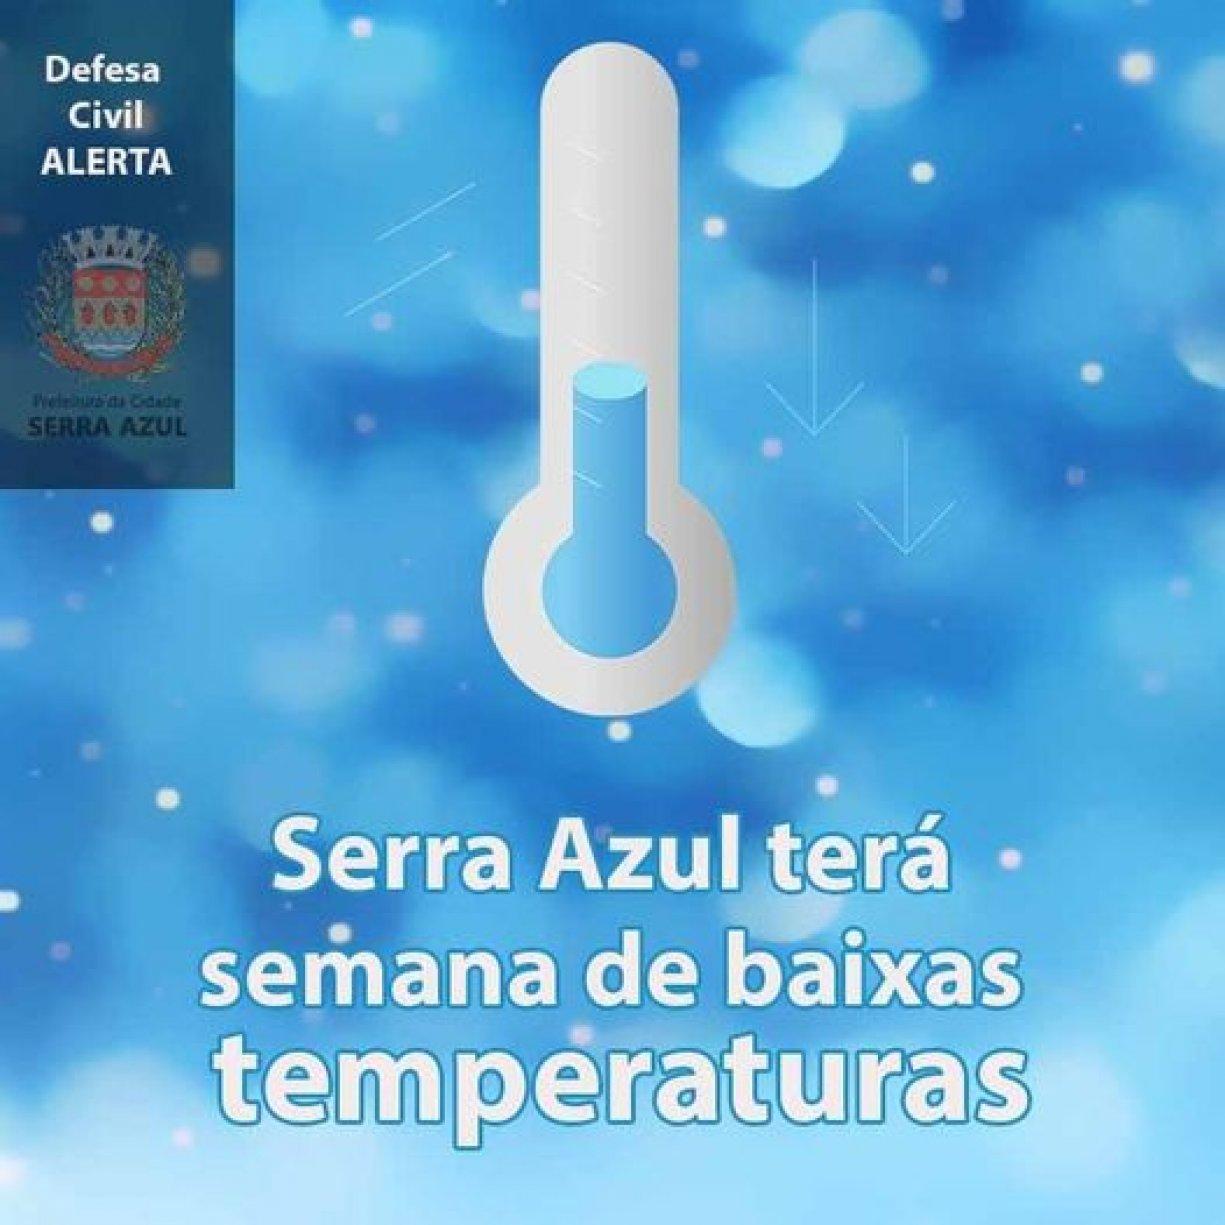 Defesa Civil de Serra Azul alerta para a frente fria em nossa região